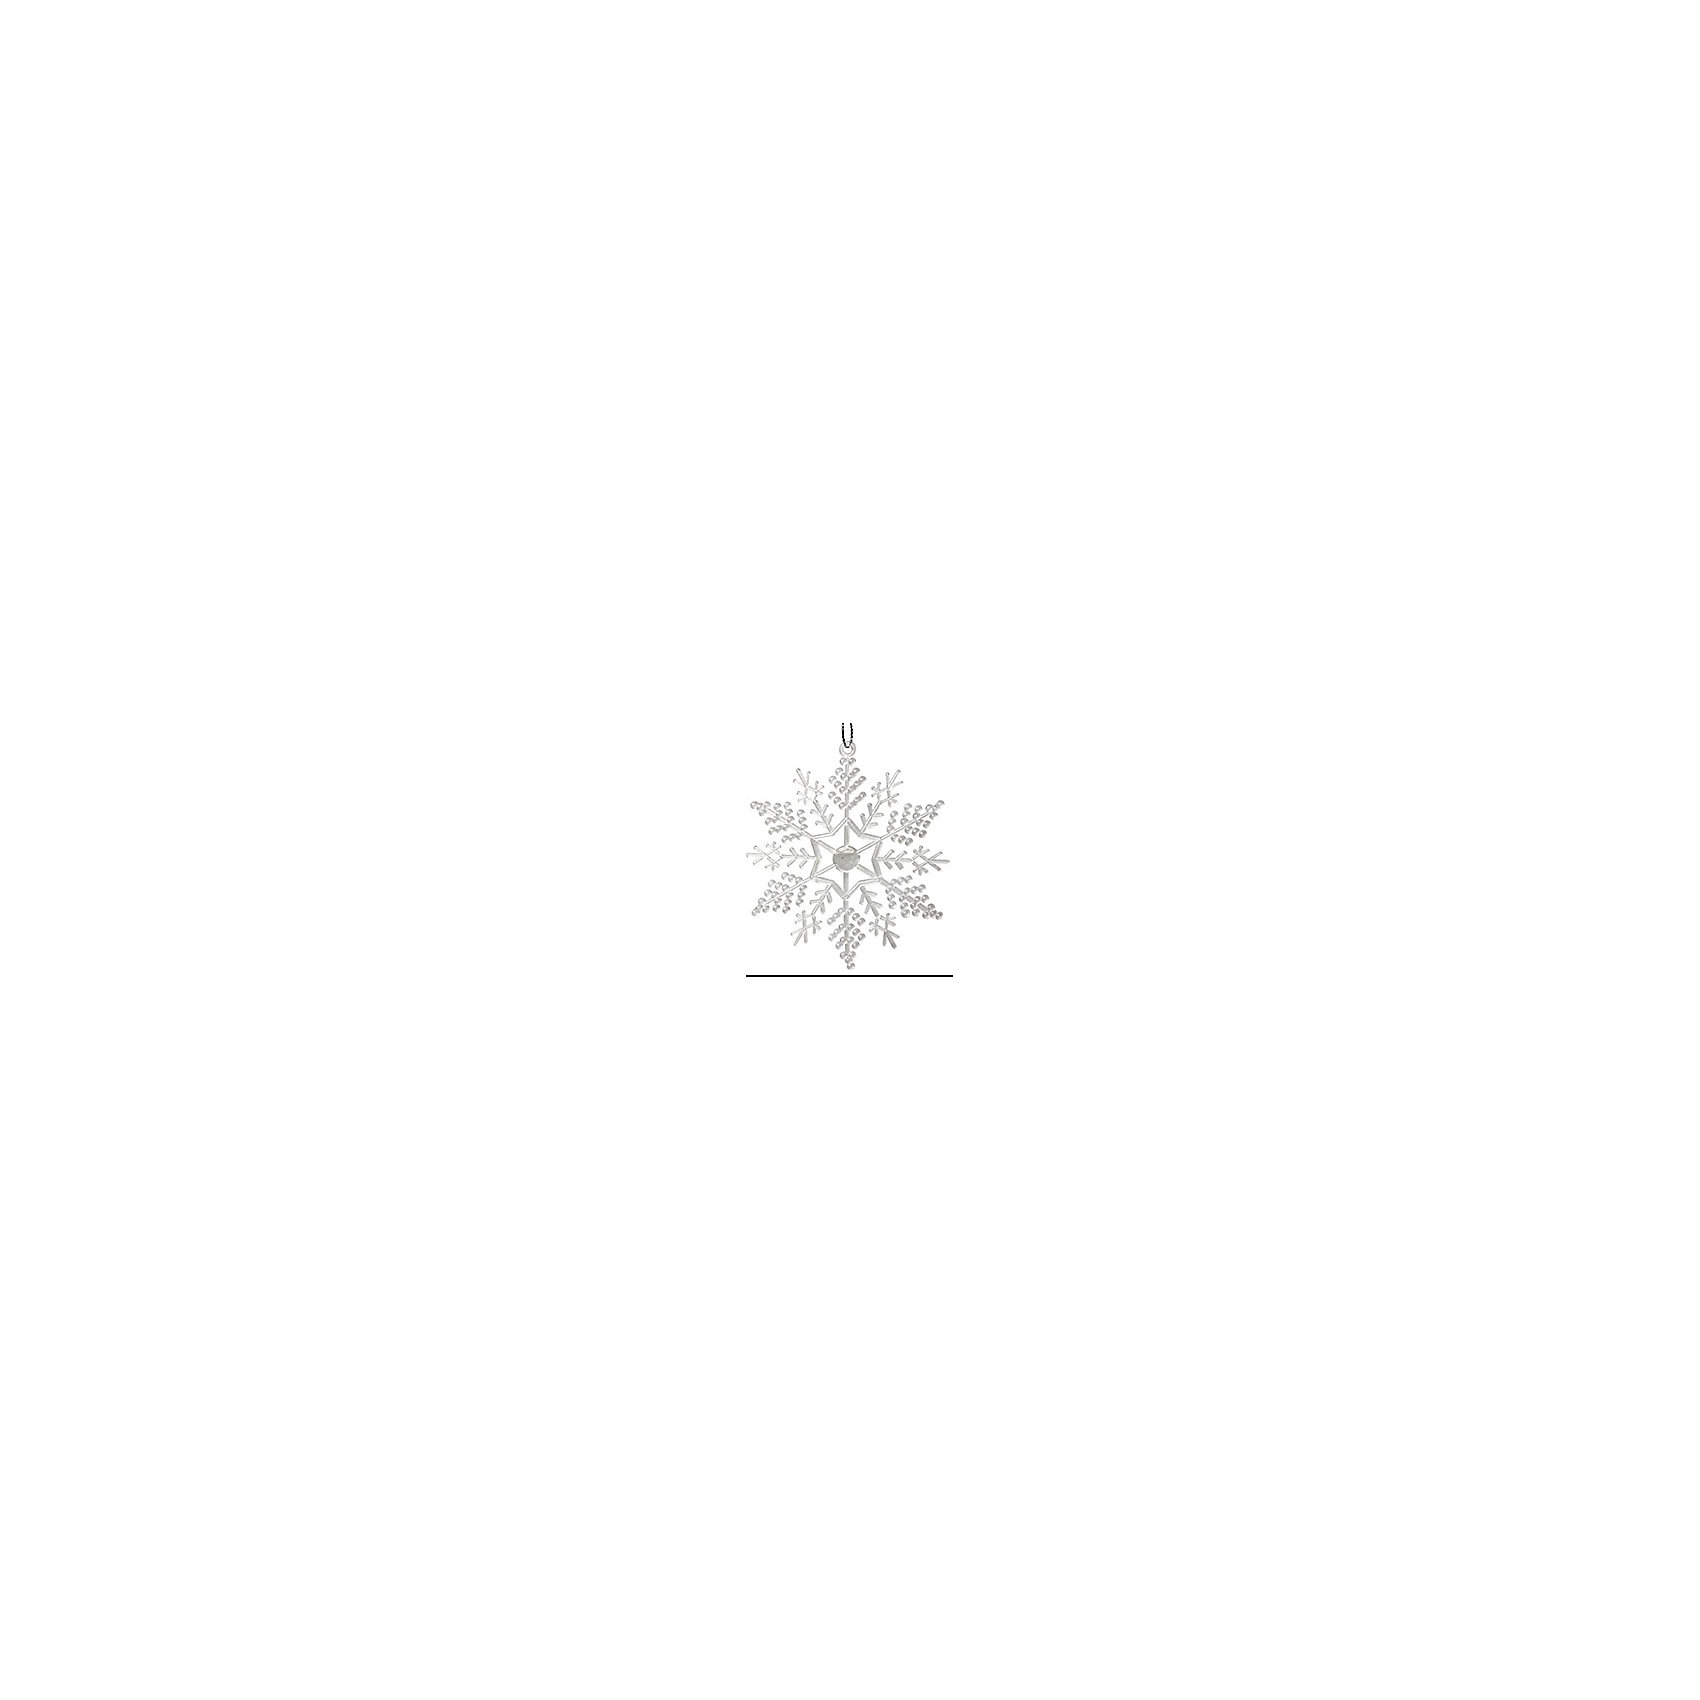 Набор снежинок 3 шт Classic white 10 смВсё для праздника<br>Характеристики товара:<br><br>• цвет: серебро<br>• материал: пластик<br>• с подвесом<br>• диаметр: 10 см<br>• комплектация: 3 шт<br>• подарочная модель<br>• страна изготовитель: Китай<br><br>Новогодний праздник невозможен без ёлочных украшений. Этот набор снежинок от бренда Marko Ferenzo станет отличным подарком близким, друзьям или сотрудникам и украсит помещение в новогодние дни! Они отлично смотрятся на ёлке и в интерьере.<br>Такие небольшие детали и создают полную праздничную картину наравне с <br>ёлкой и мишурой! Этот набор будет создавать праздничное настроение не один год! Изделие производится из качественных и проверенных материалов, которые безопасны для детей.<br><br>Набор снежинок 3 шт Classic white 10 см, от бренда Marko Ferenzo можно купить в нашем интернет-магазине.<br><br>Ширина мм: 180<br>Глубина мм: 180<br>Высота мм: 5<br>Вес г: 100<br>Возраст от месяцев: 36<br>Возраст до месяцев: 2147483647<br>Пол: Унисекс<br>Возраст: Детский<br>SKU: 5101075